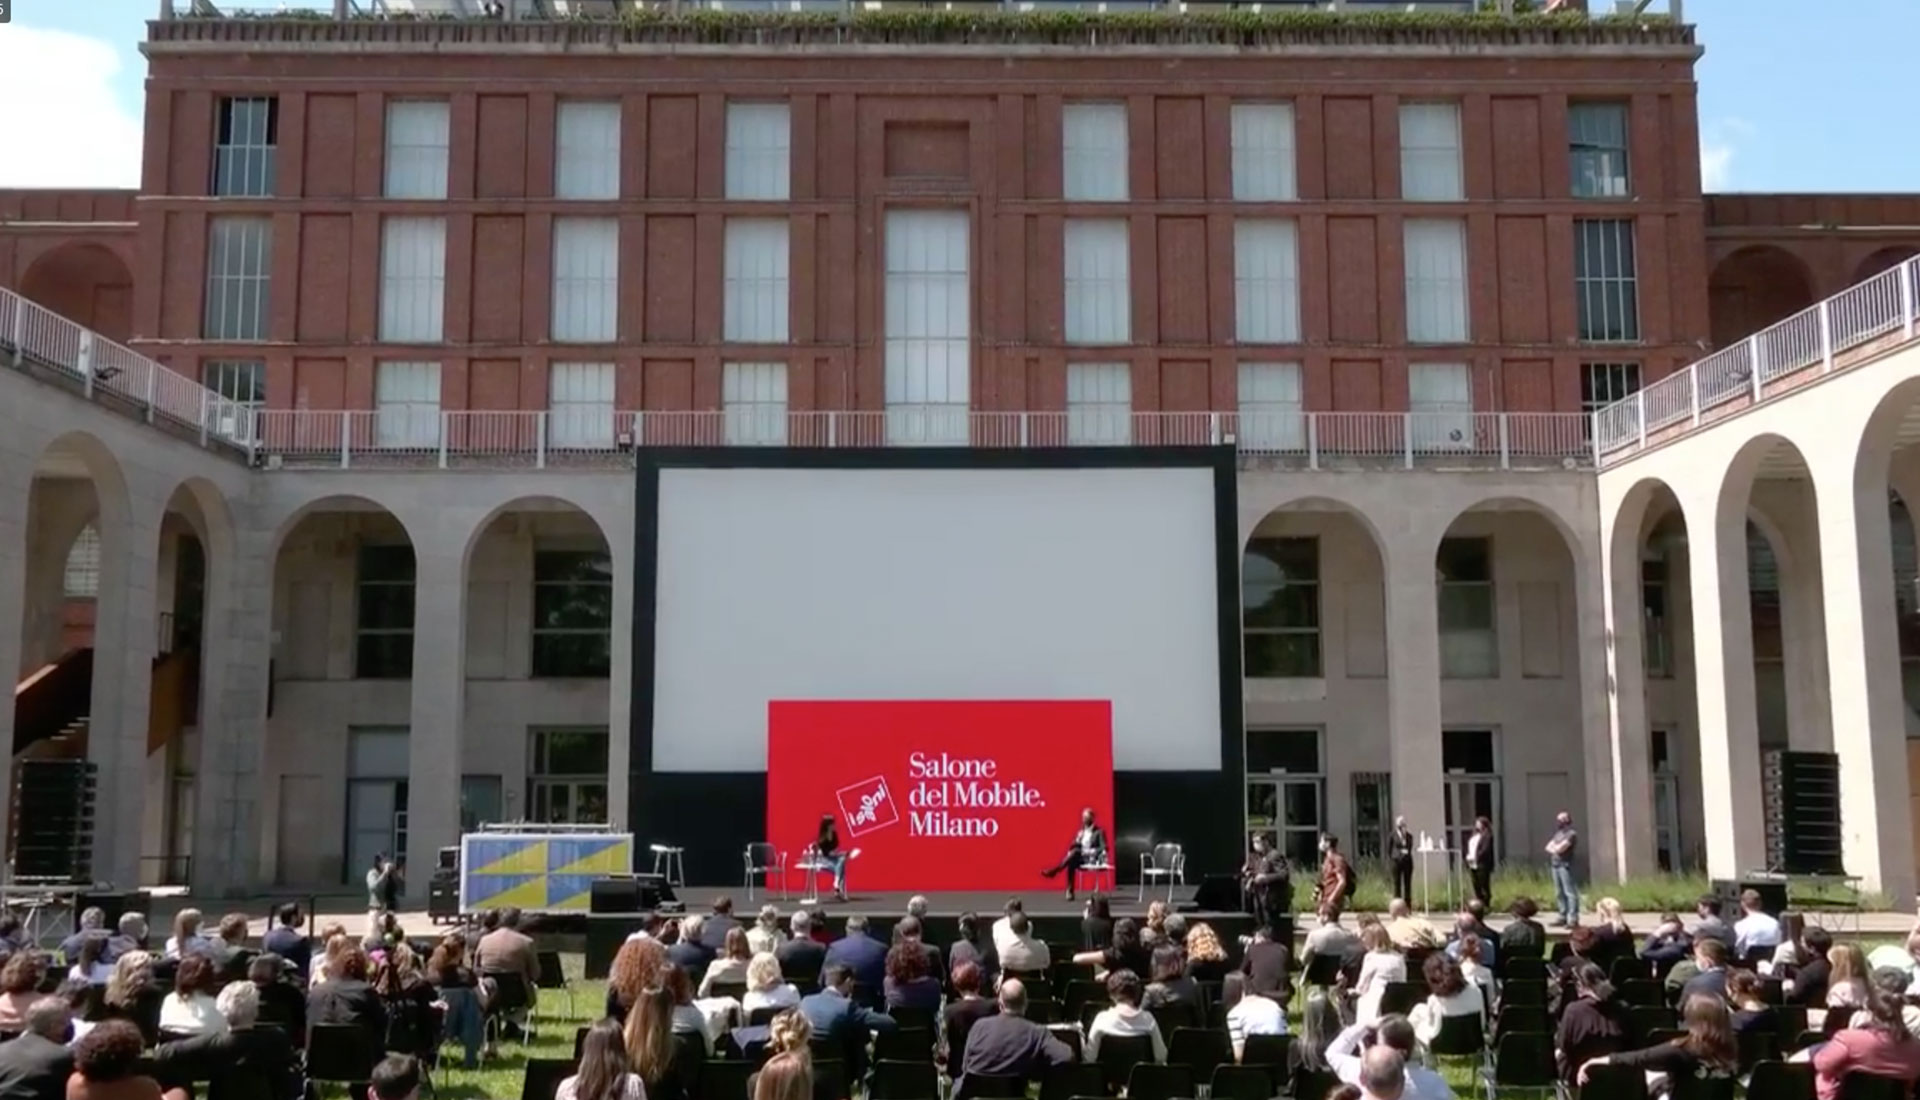 Salone del Mobile 2021 фото